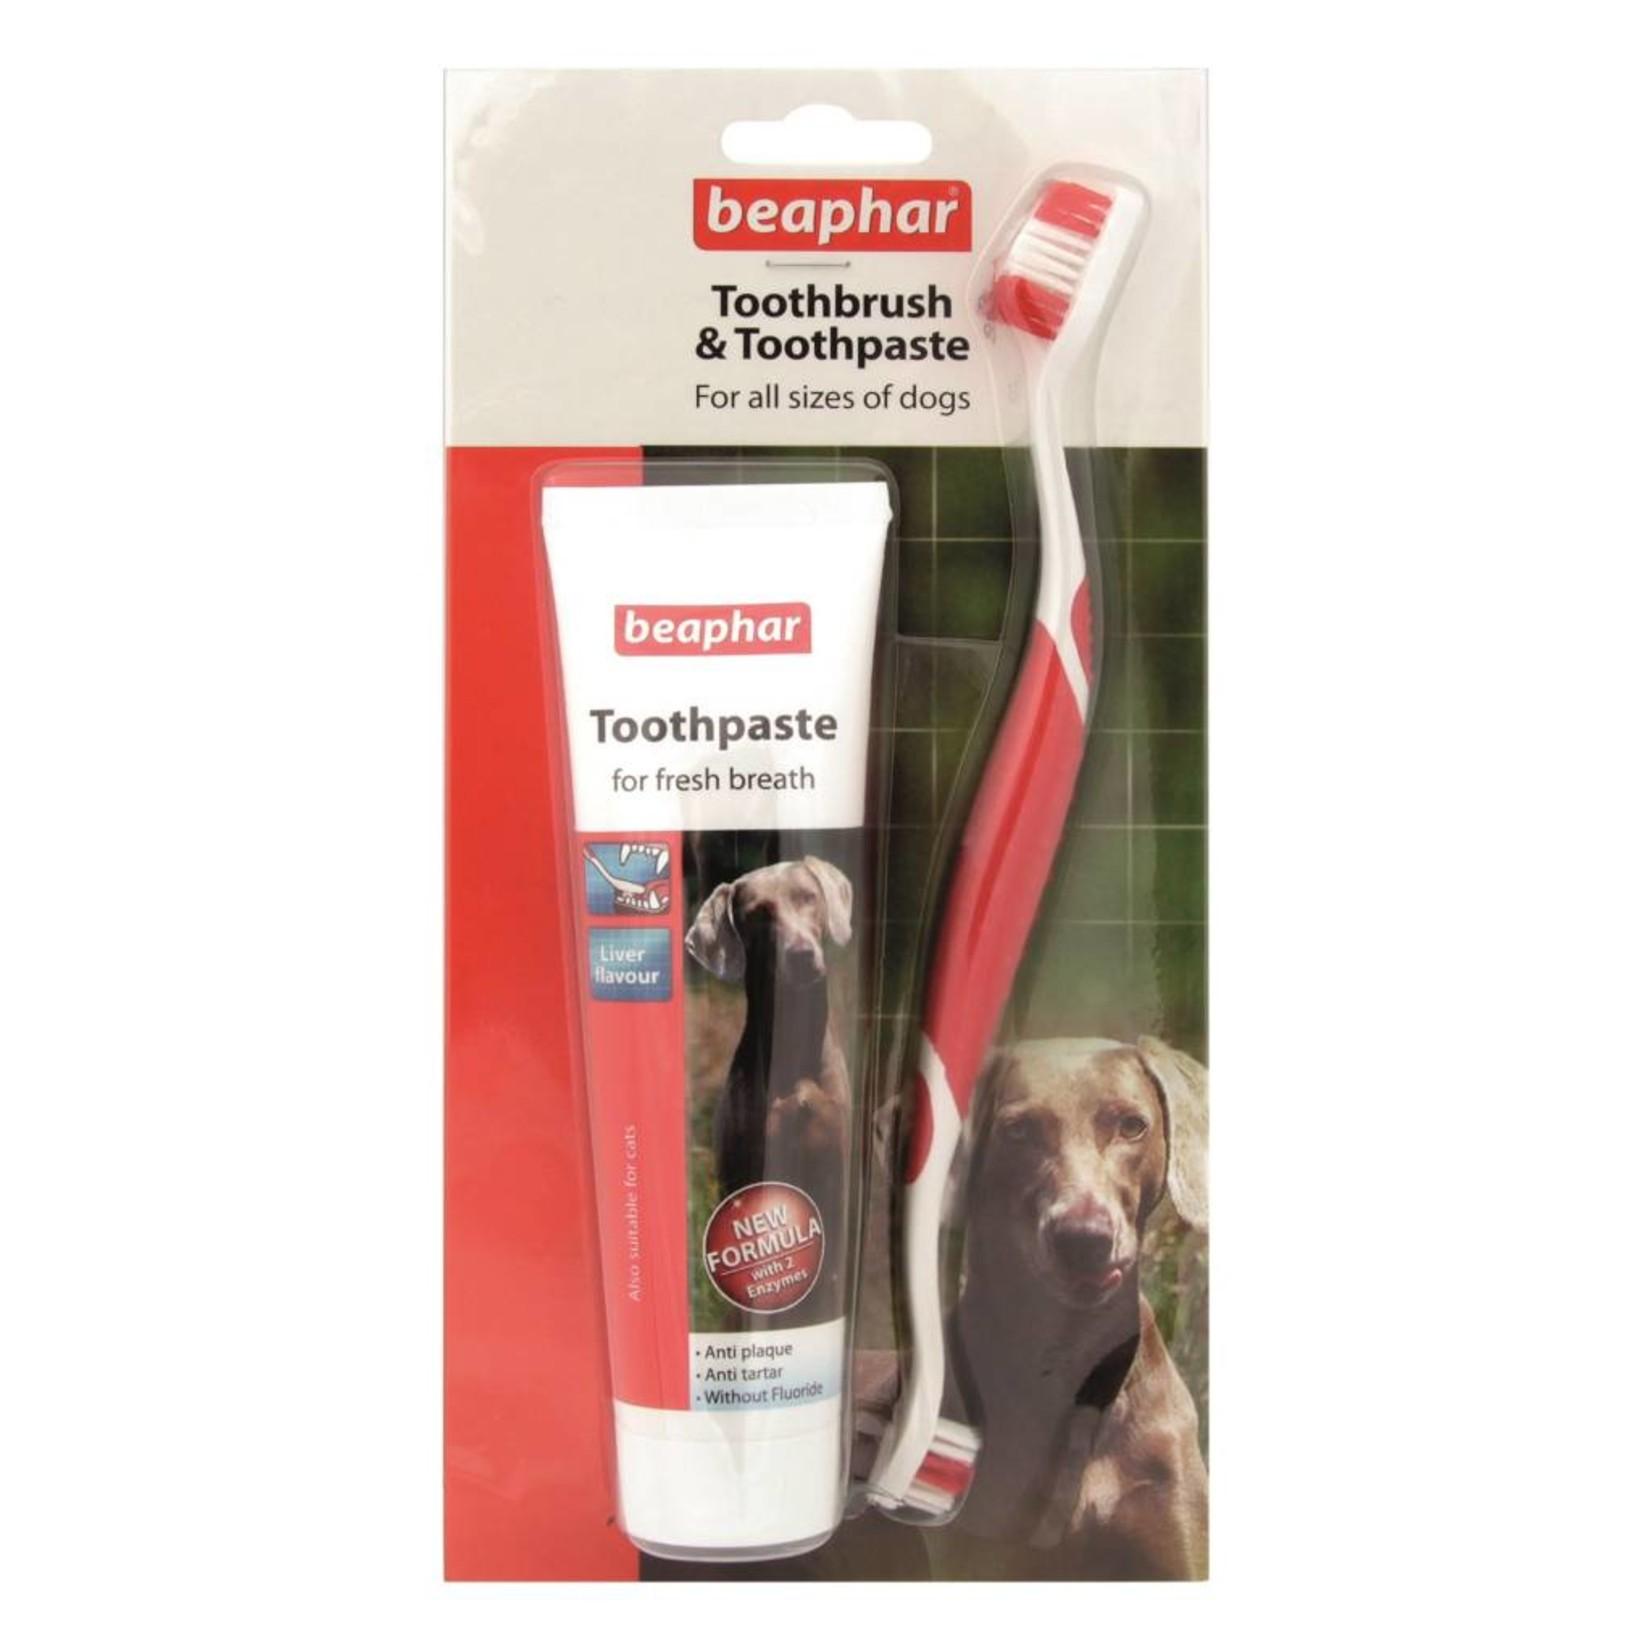 Beaphar Dental Kit for Dogs, 100g